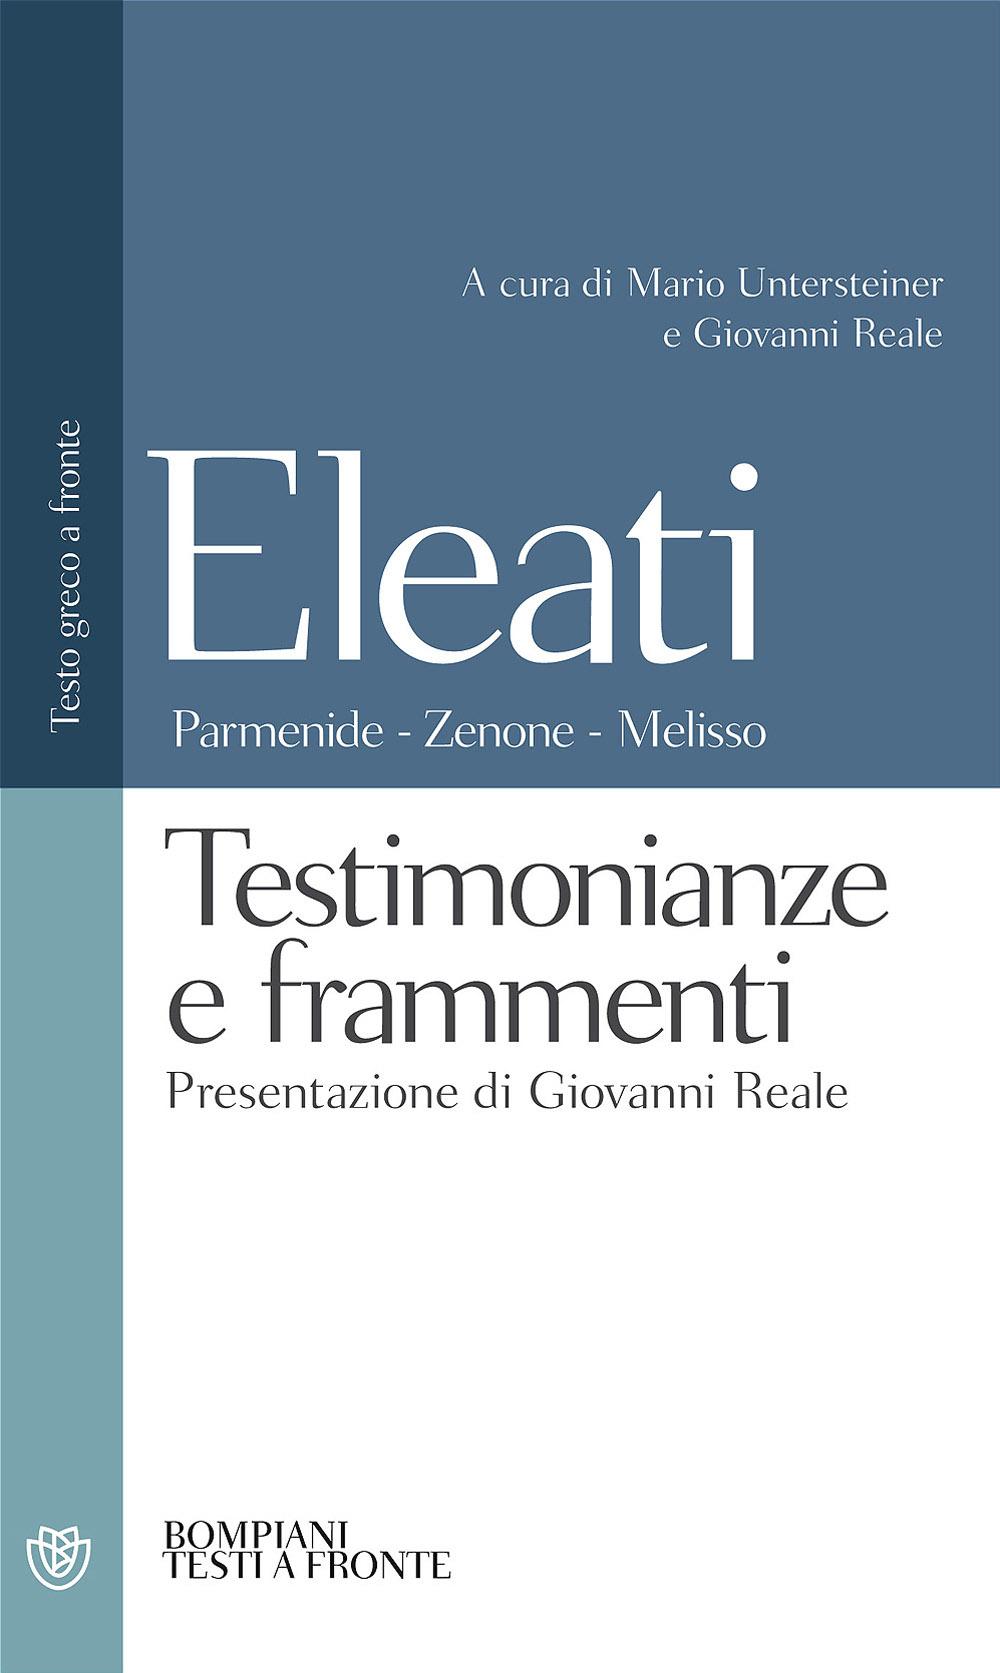 Eleati: Parmenide - Zenone - Melisso. Testimonianze e frammenti